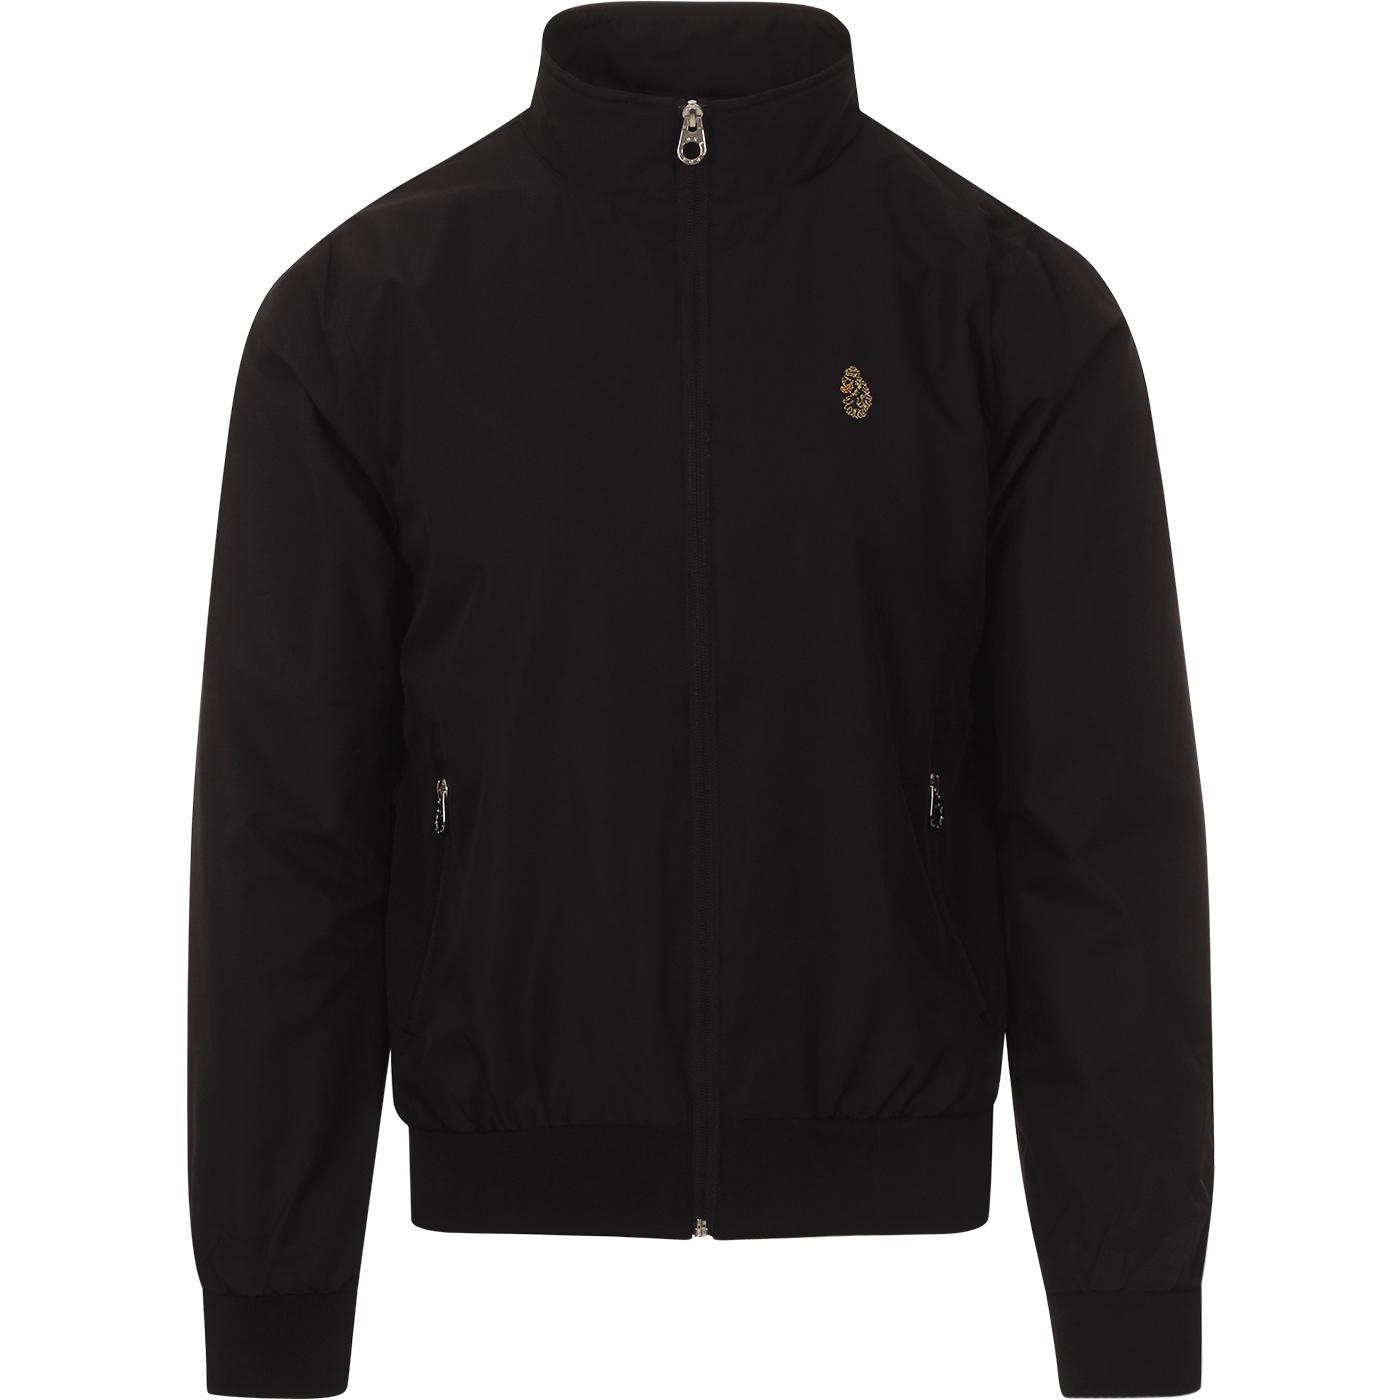 Double Diamond LUKE Mod Ripstop Harrington Jacket